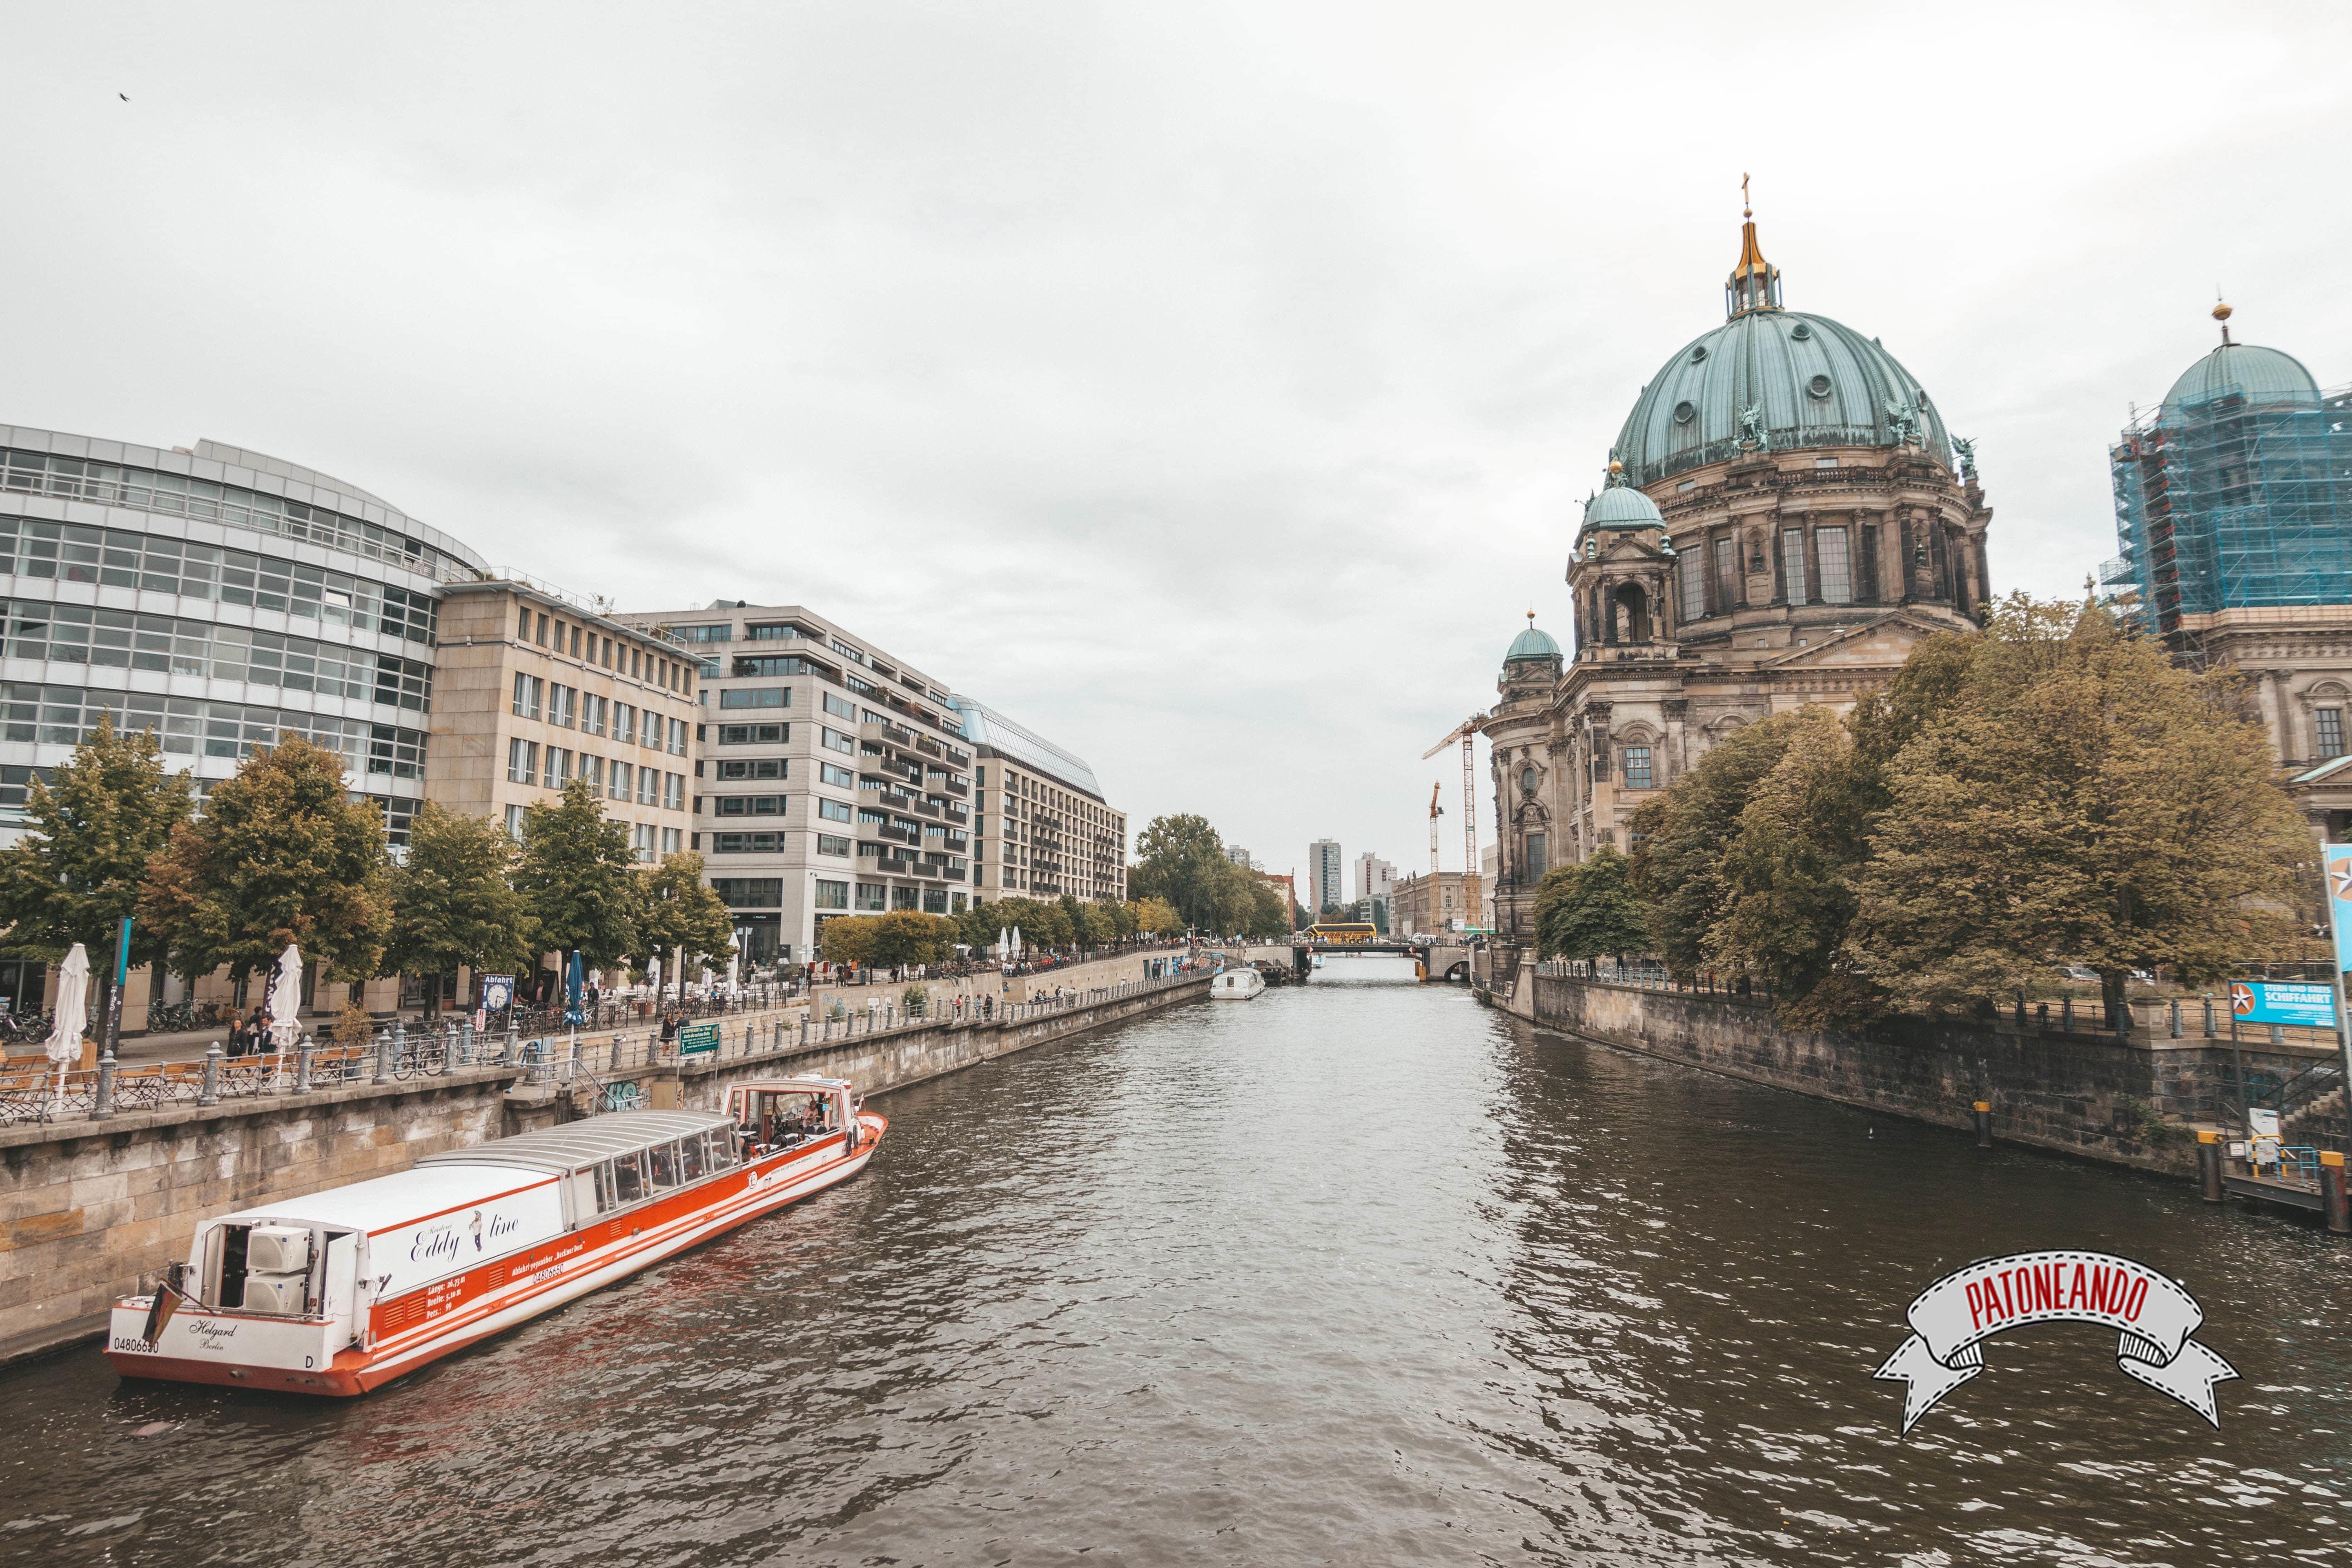 que ver y que hacer en Berlín - Paseo en barco por el río Spree -Patoneando blog de viajes (13)